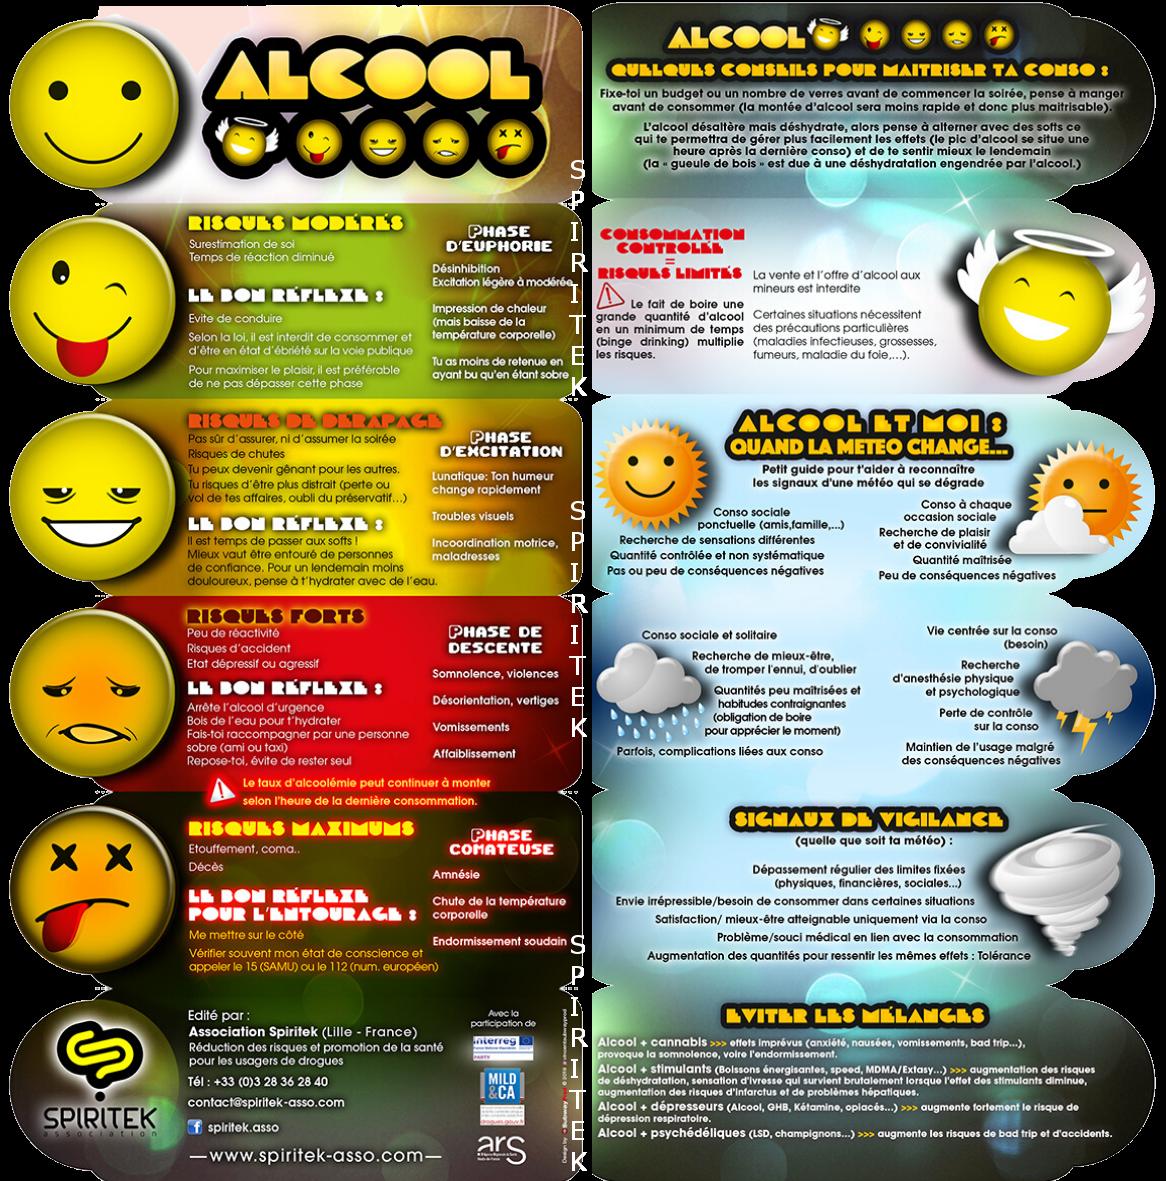 Télécharger le flyer sur l'Alcool en pdf